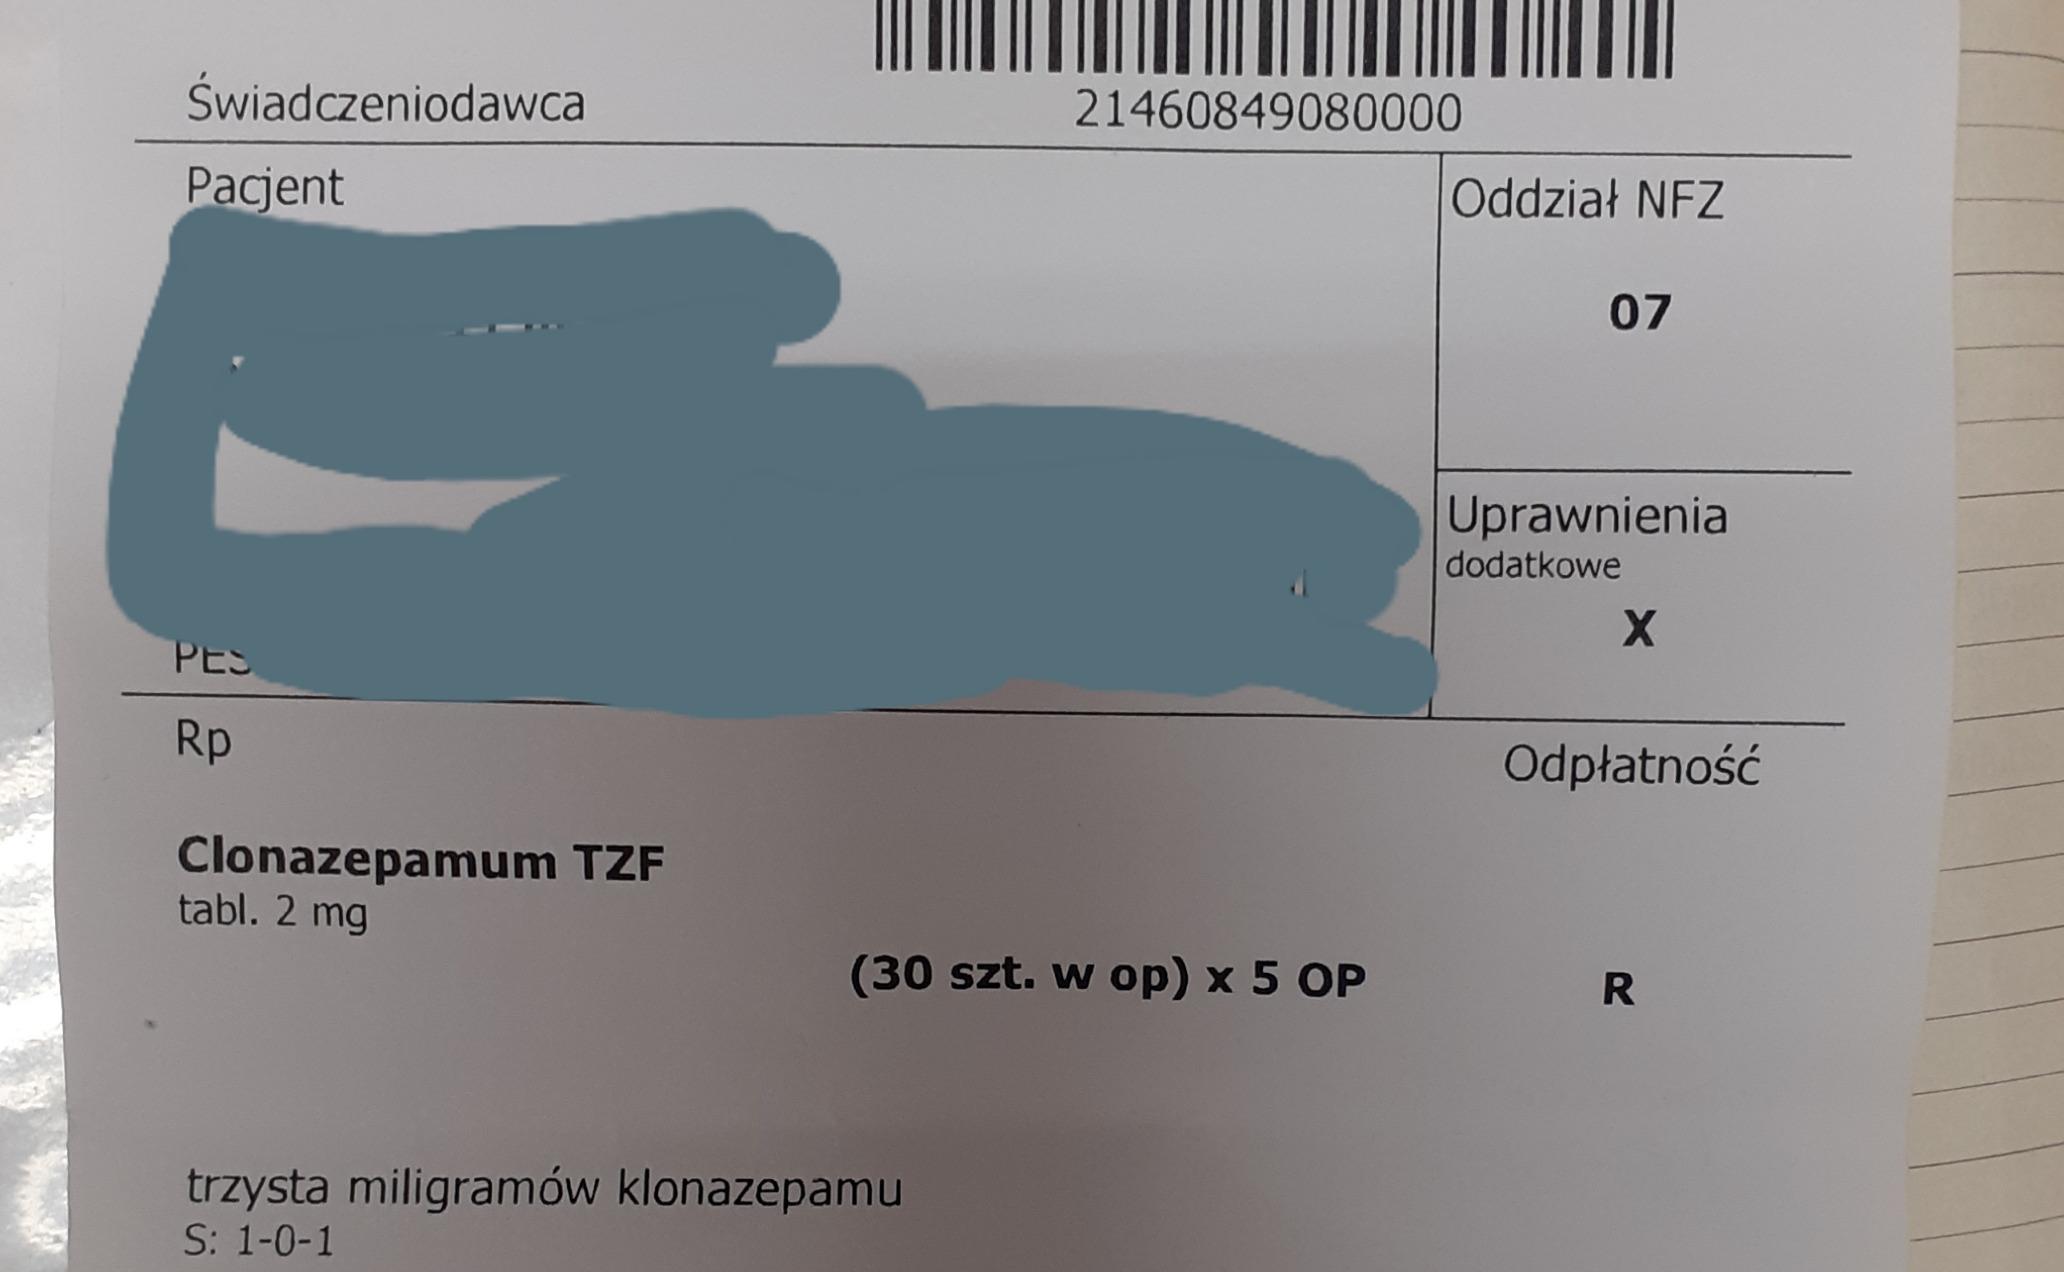 W jednym z przypadków lekarz poinformował, że otrzymał już wcześniej sygnał o pojawieniu się tego typu recepty w innej aptece (fot. WIF w Warszawie)